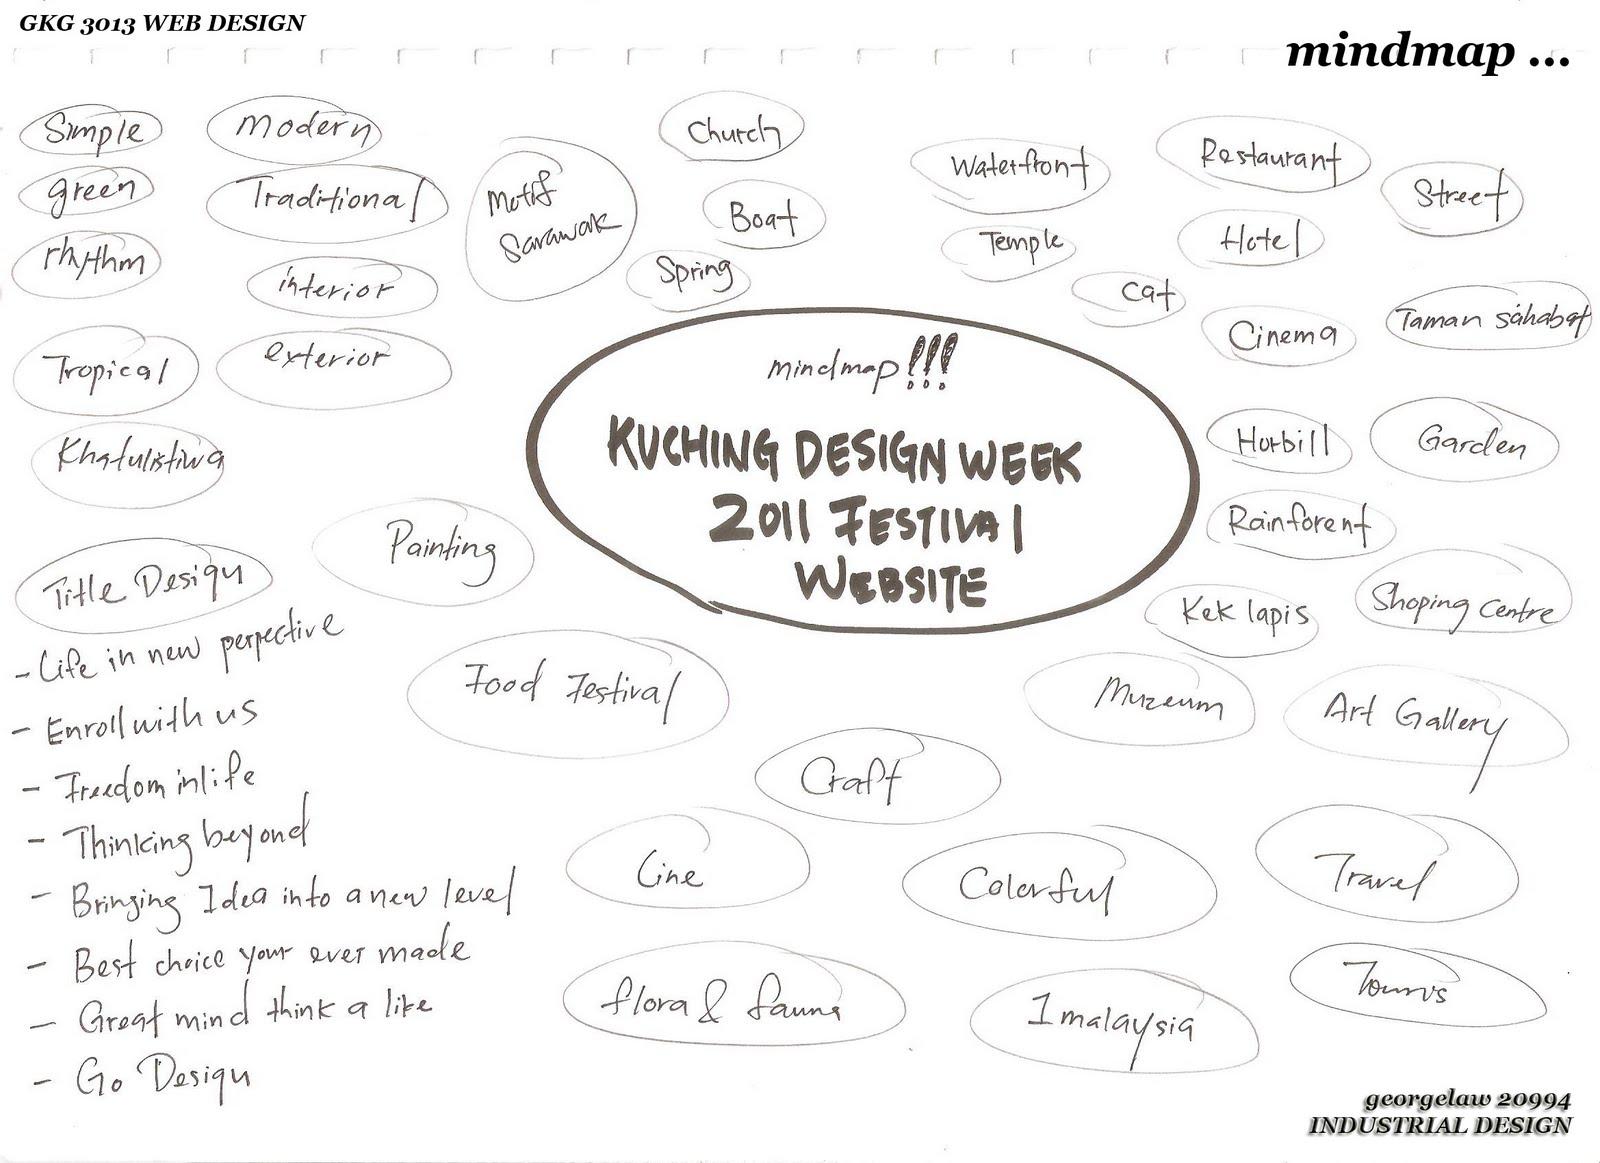 sketch 1 mind map